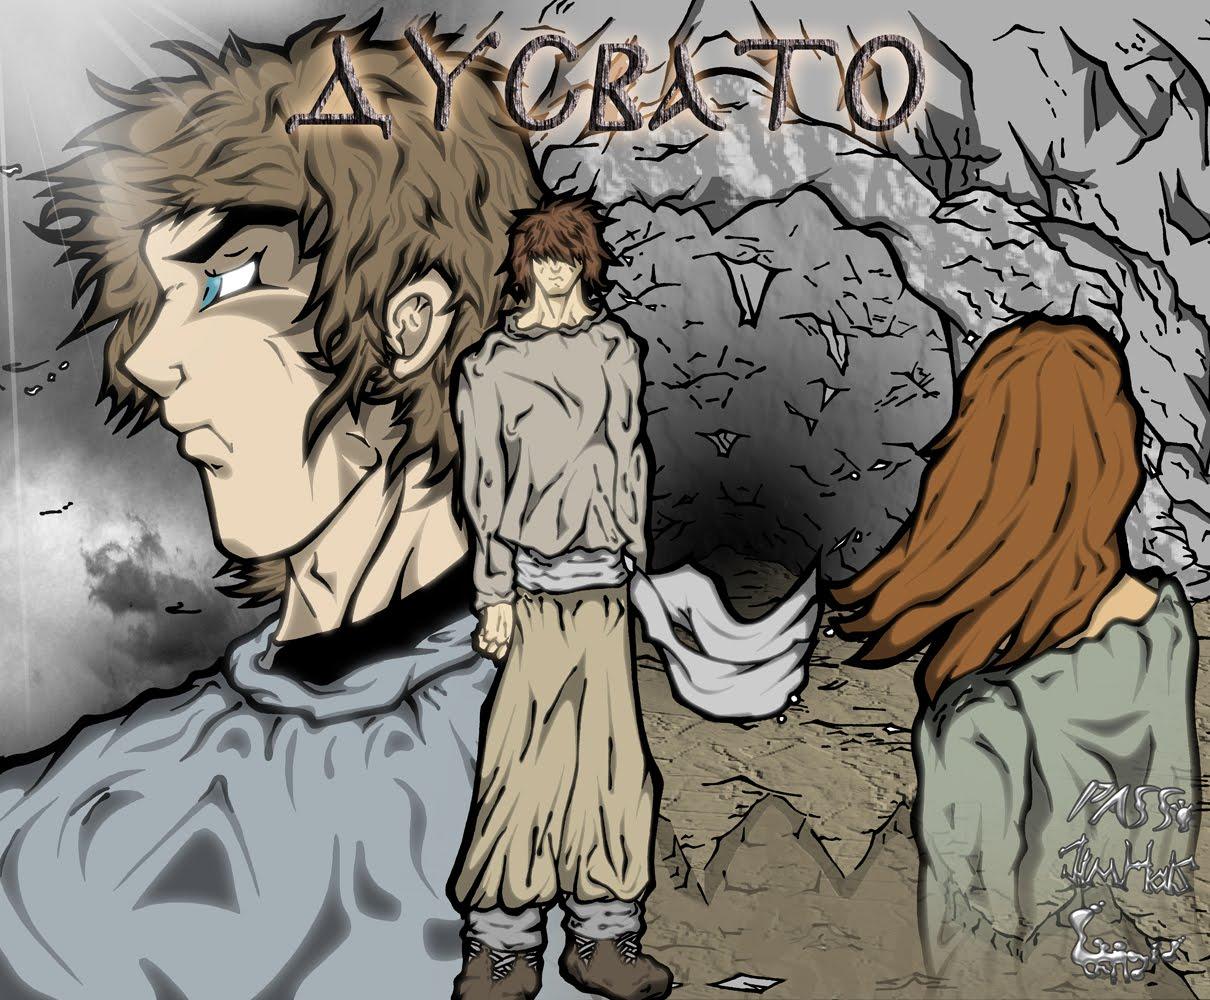 Εξώφυλλο Του Comic Δύσβατο Από Τον Passlight